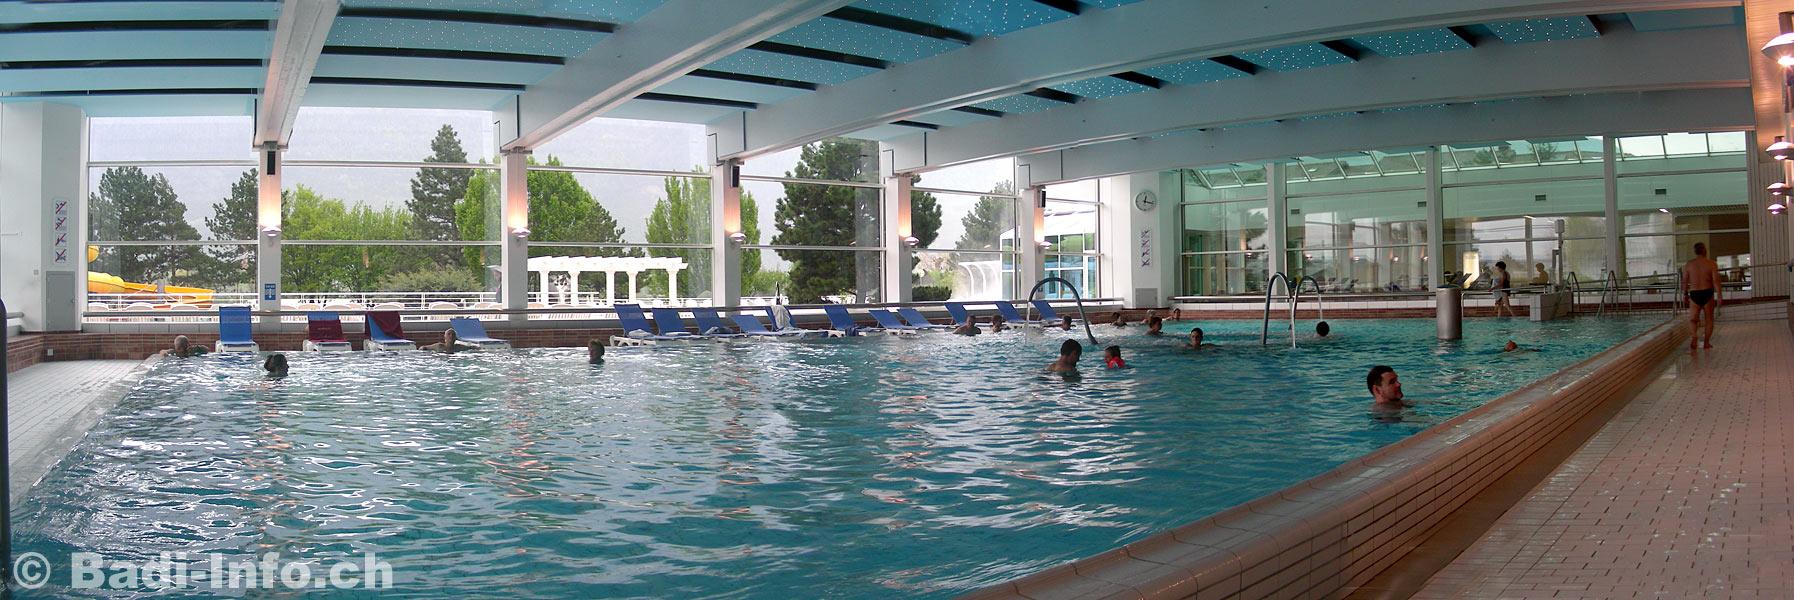 Saillon les bains thermaux for Hotel des bains saillon suisse